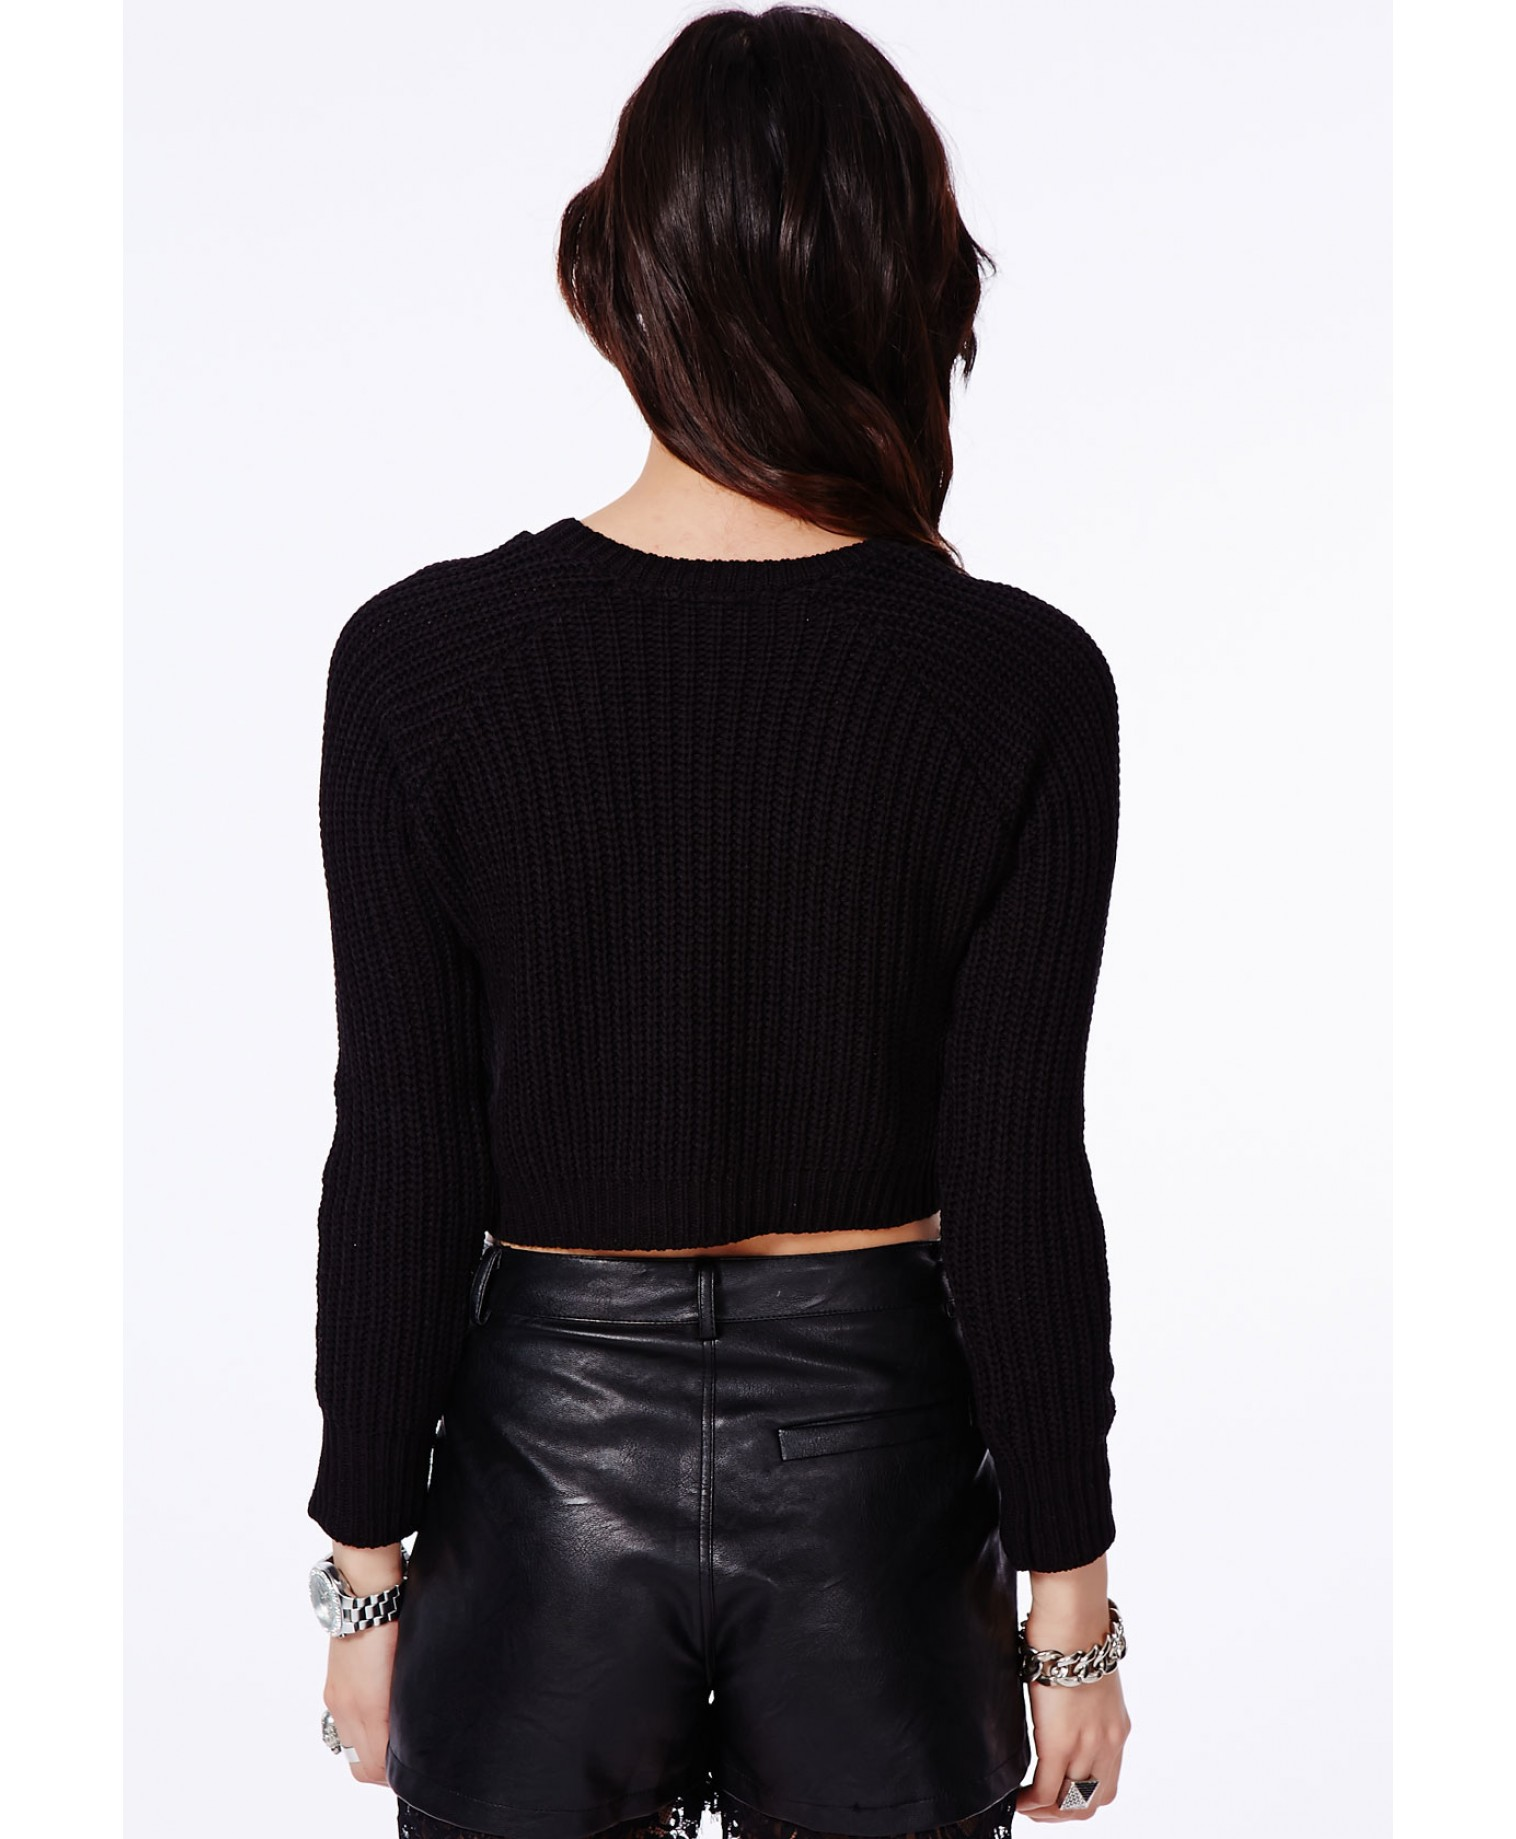 Berte cropped jumper in black